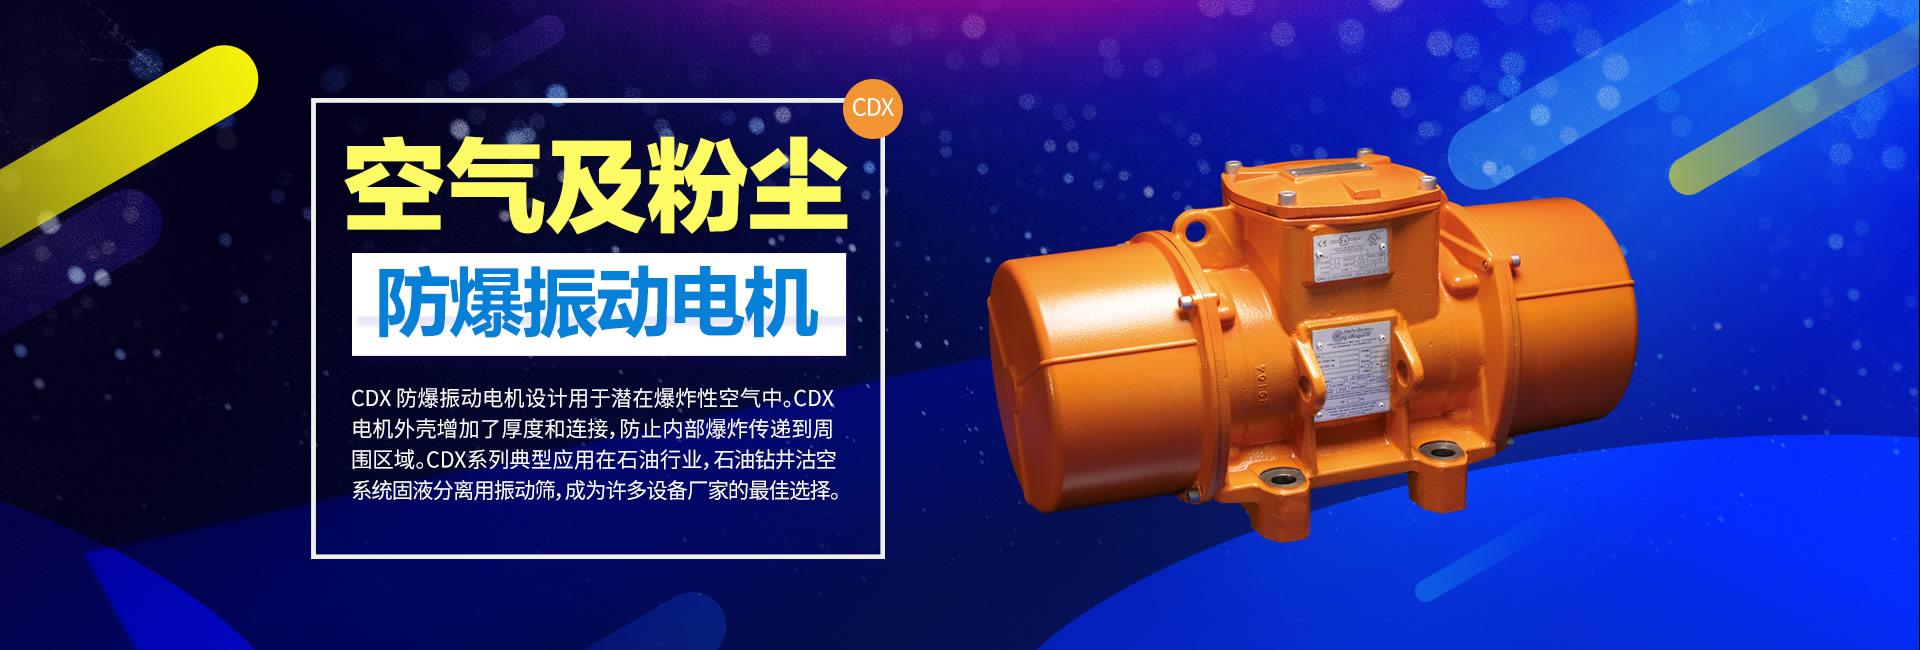 空气及粉尘防爆振动电机CDX